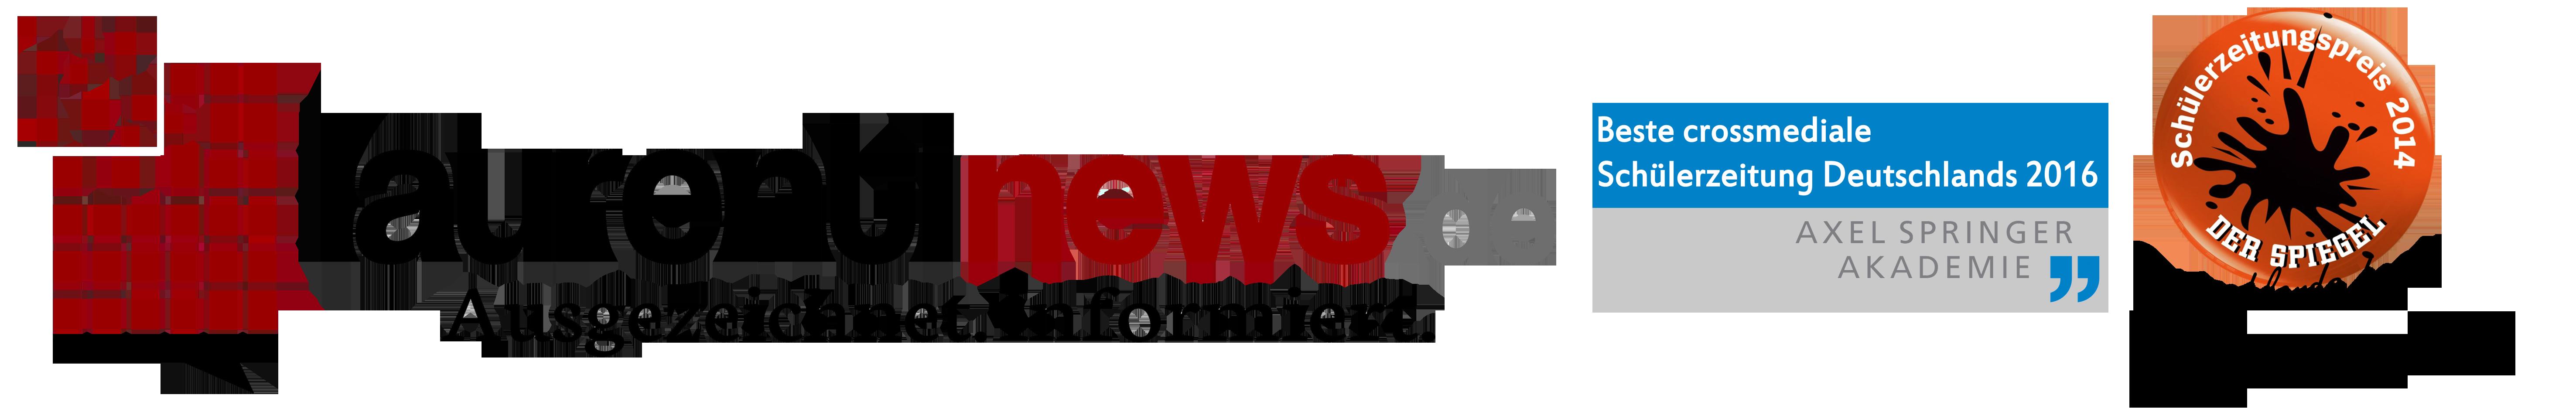 laurentinews.de